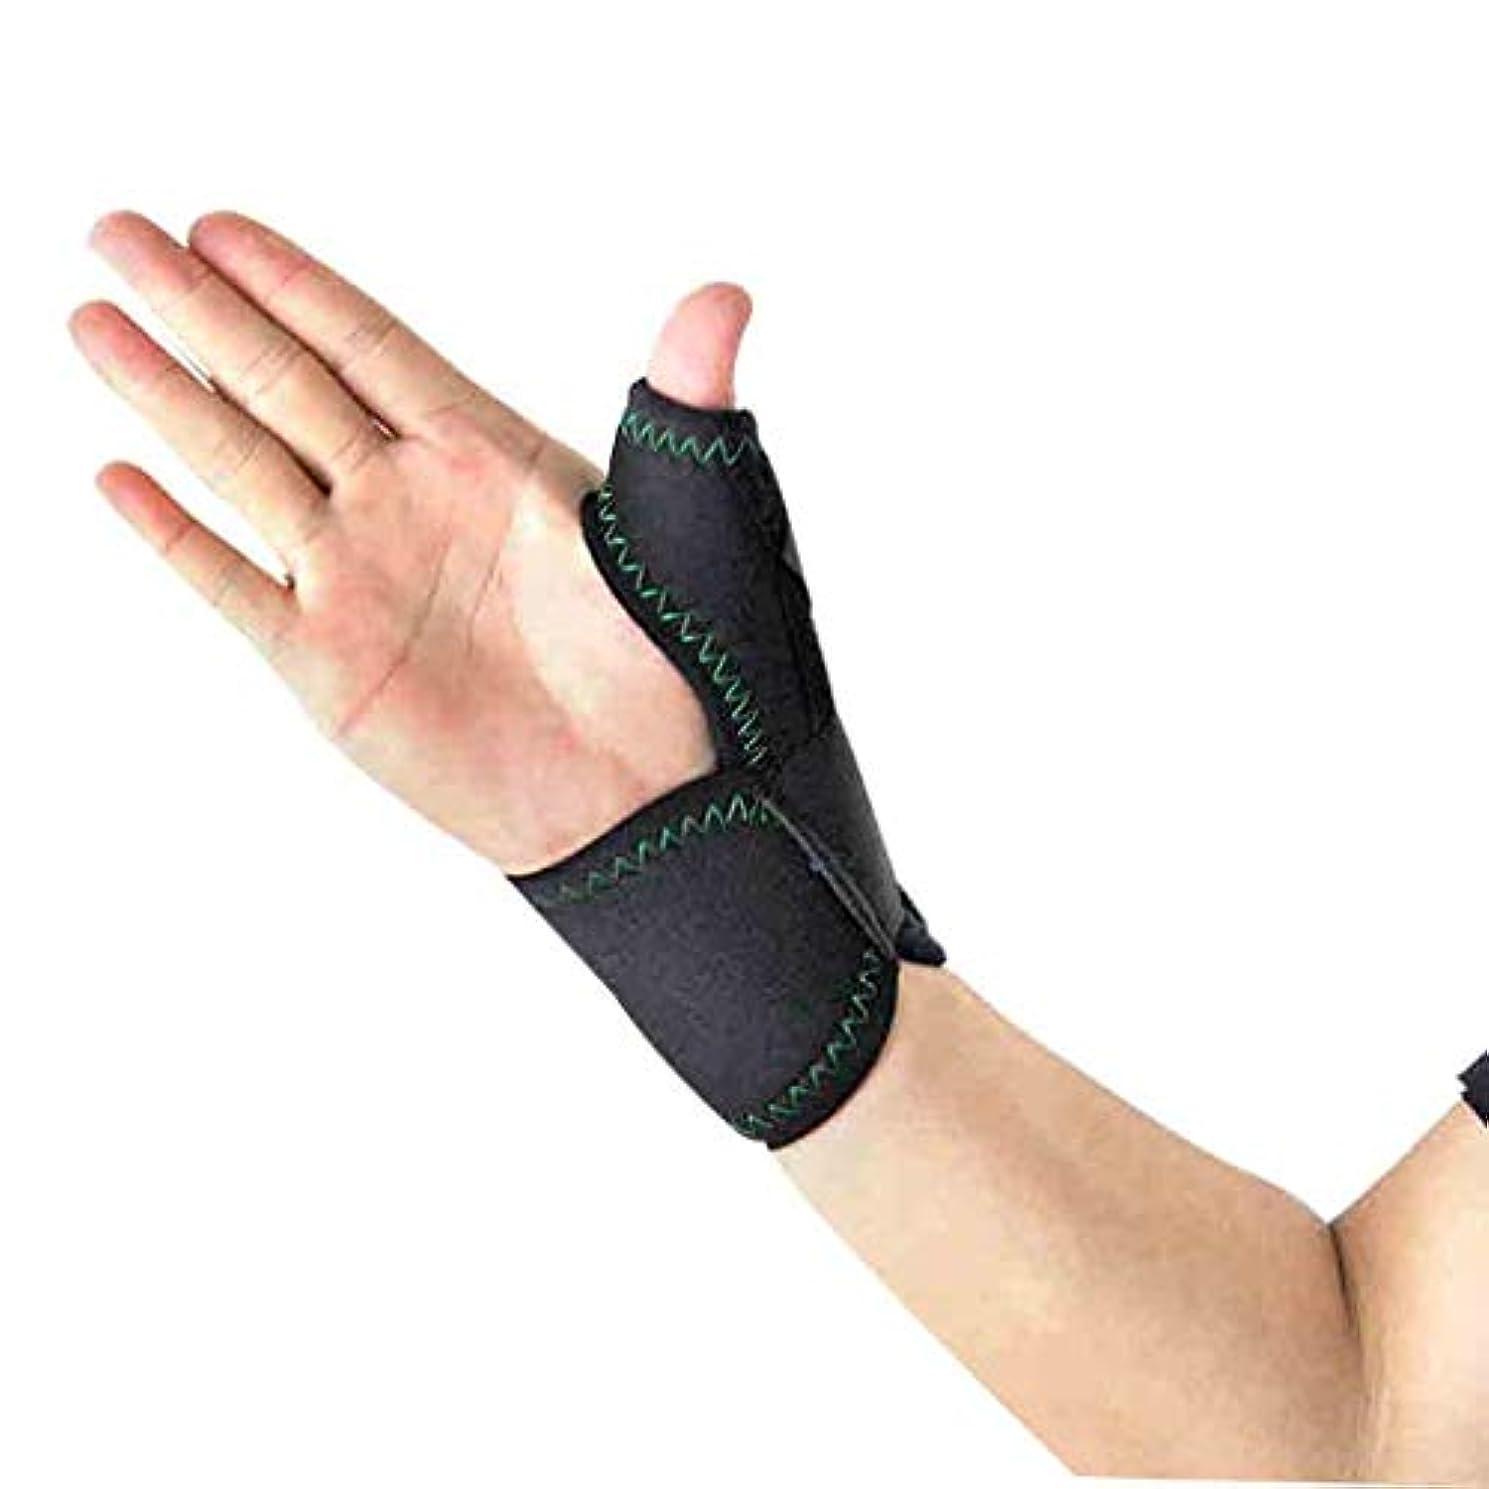 仲介者モンク補助Thumbブレースは、手首のストラップでトリガーThumbガードのThumbのスプリントをラップします。ブレースThumbのスプリント、Thumbの関節炎の痛みを軽減するブレース(1個、ユニセックス、左&右手、M) Roscloud@